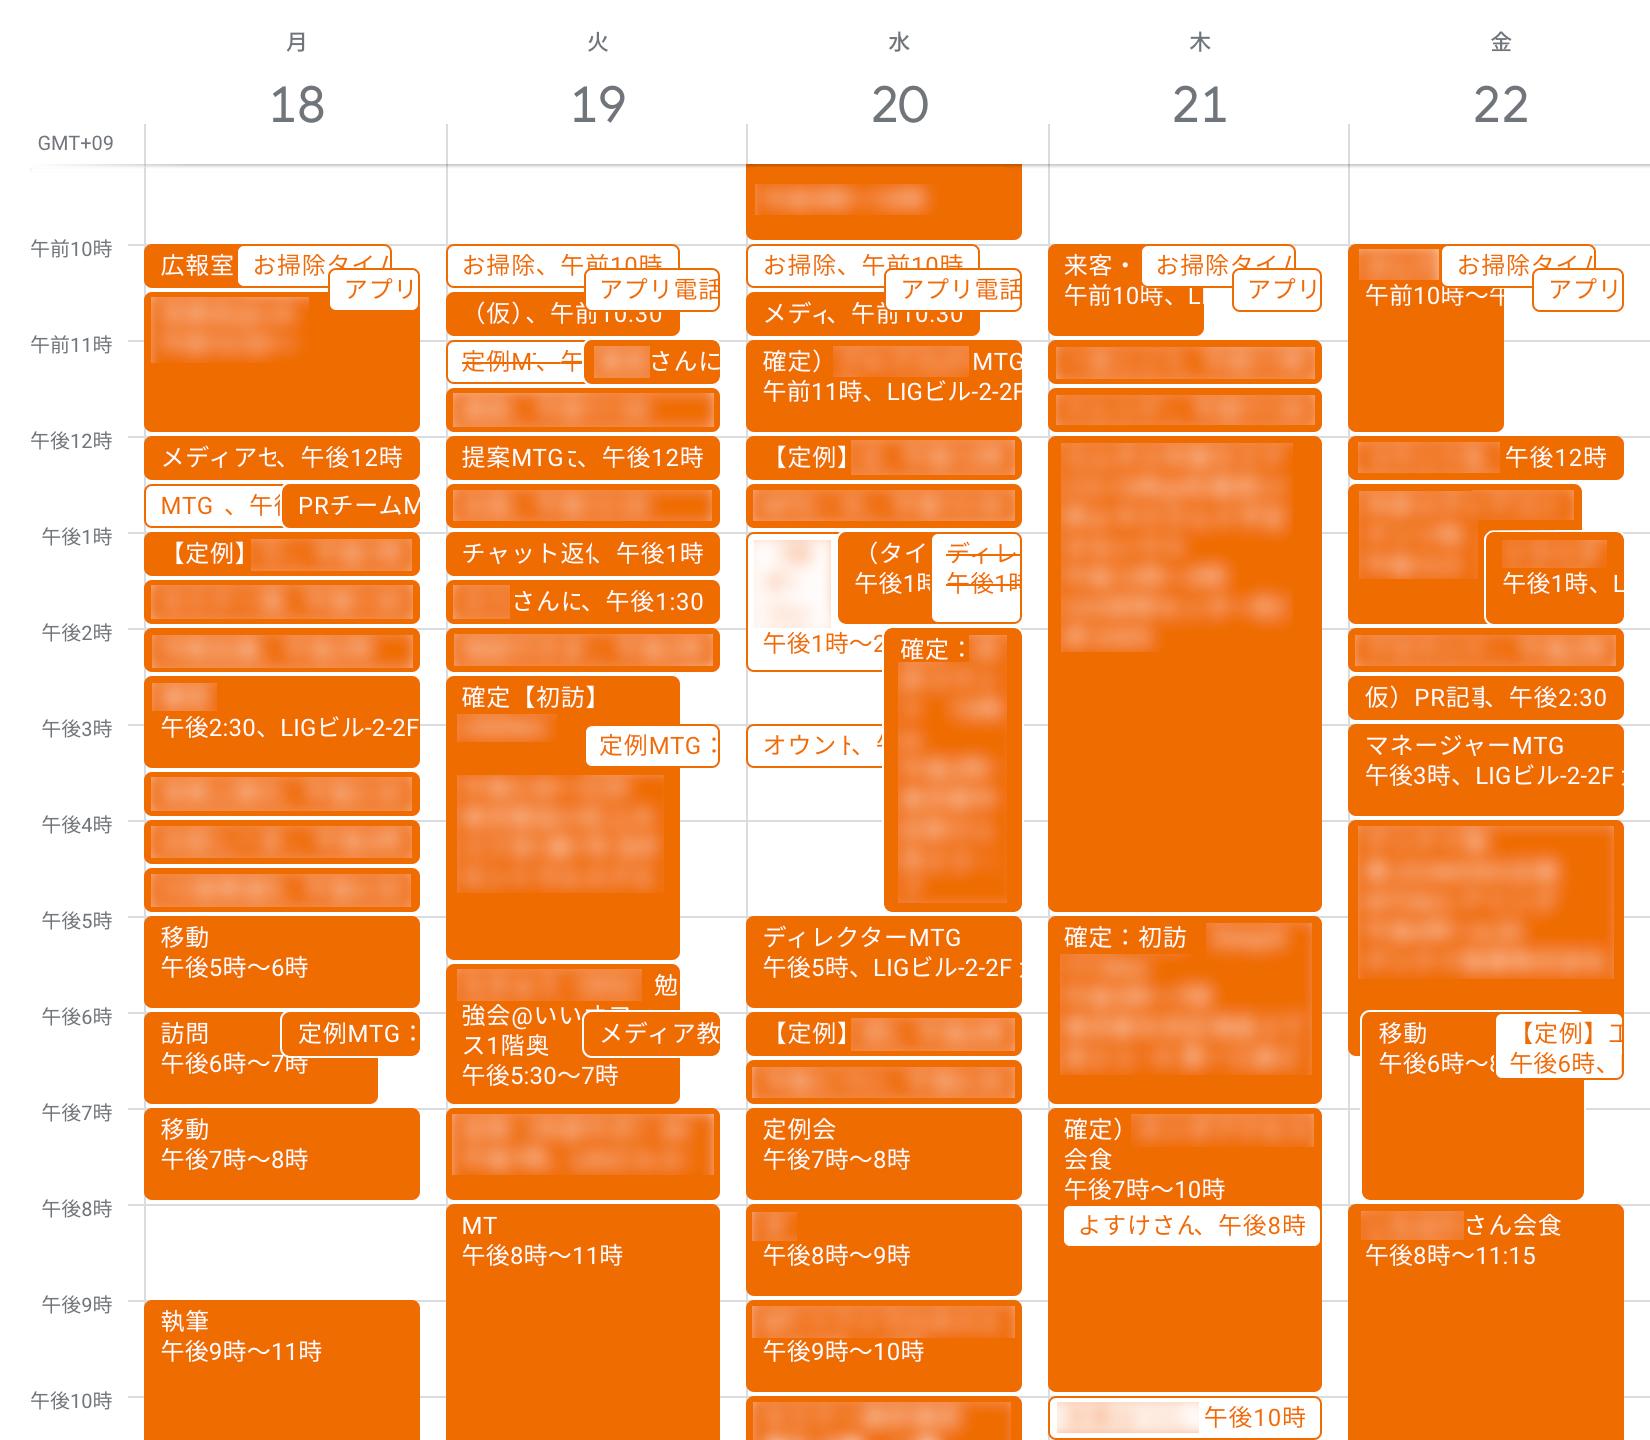 忙しい人のグーグルカレンダー